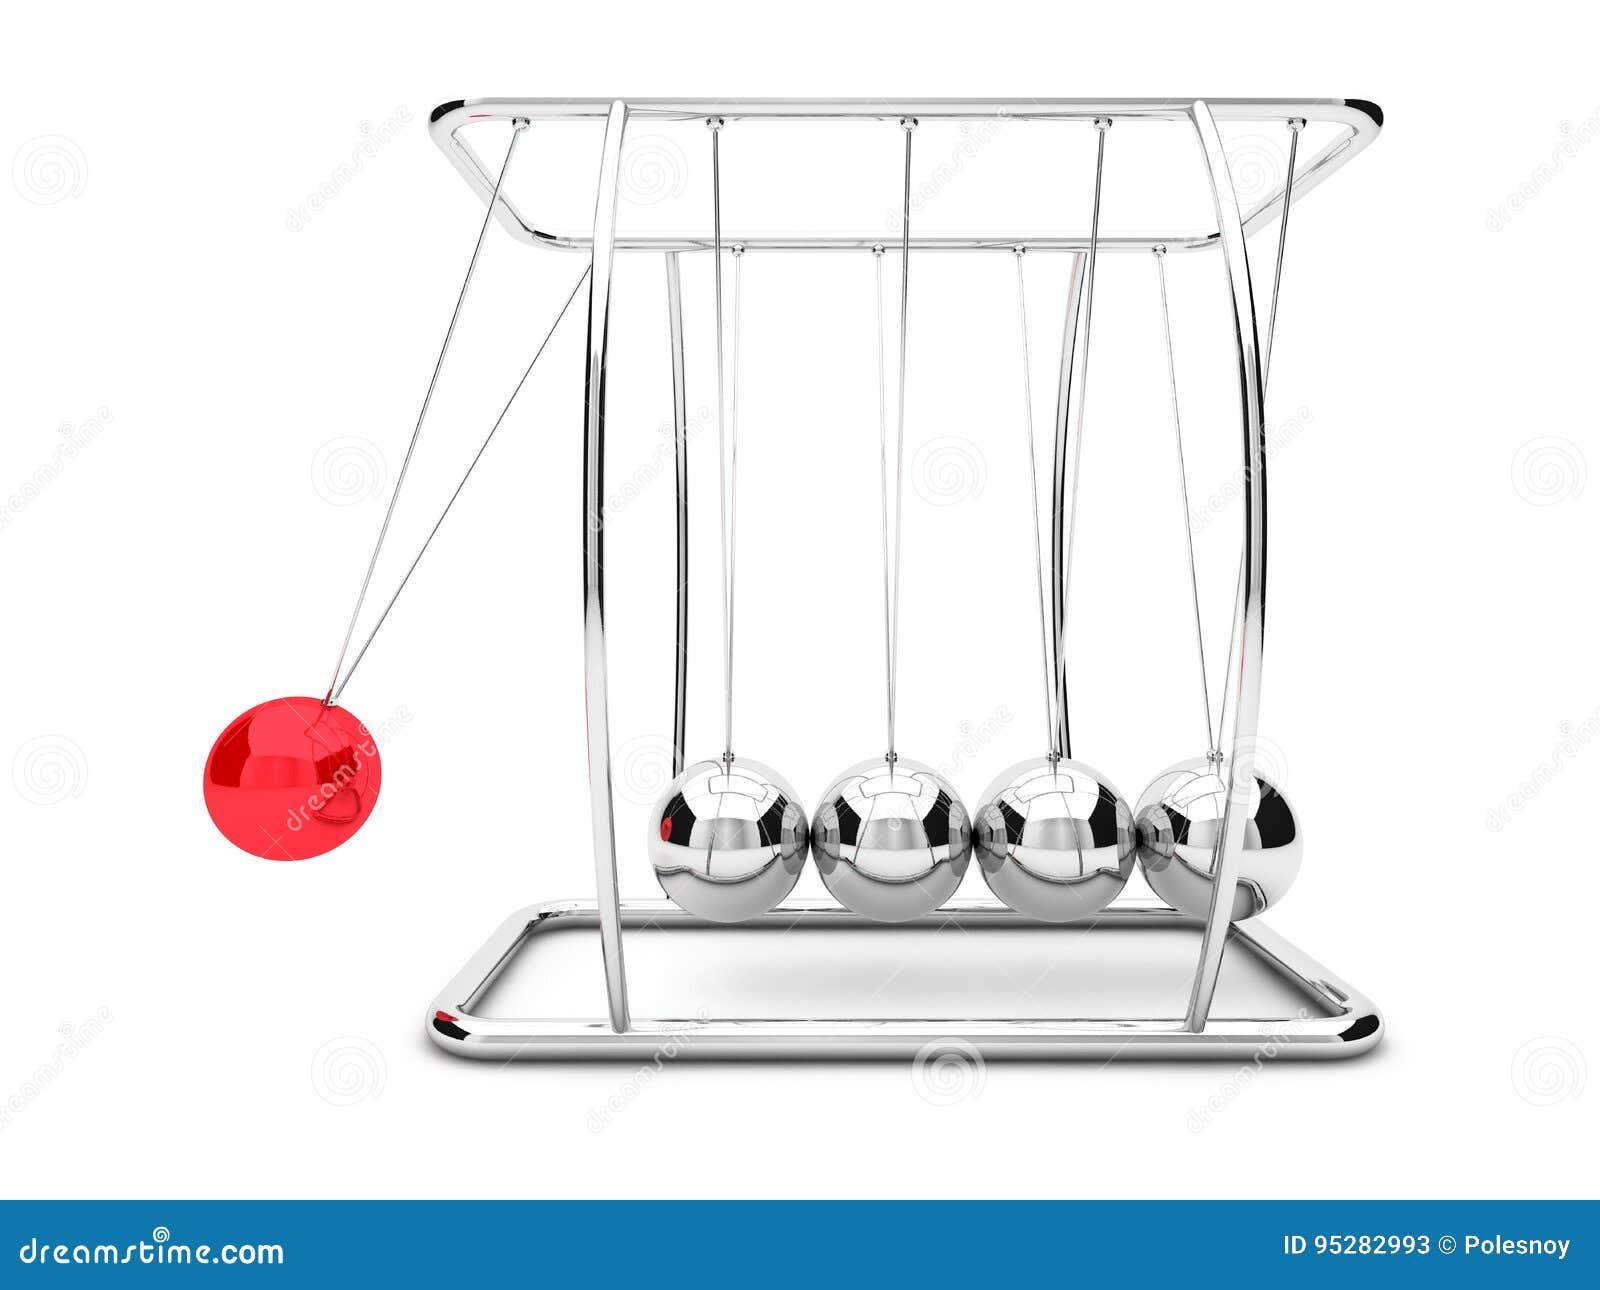 Ньютоны cradle с одним поднятым красным шариком 3d